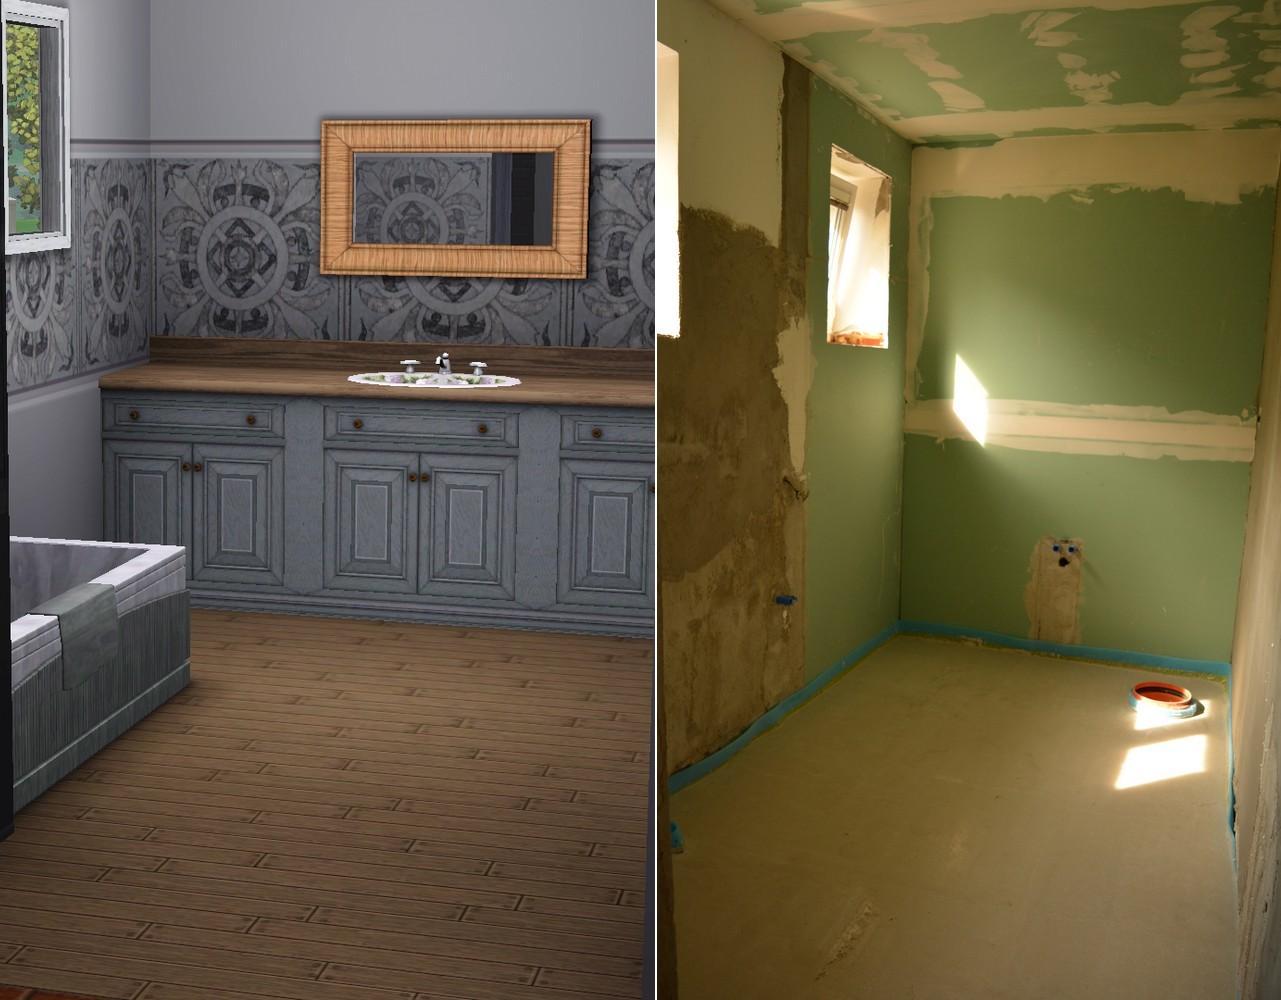 Náš nový domov ... - Koupelna .. skřínky v reálu bílé, prostřední pruh v reálu užší s podobným motivem ..